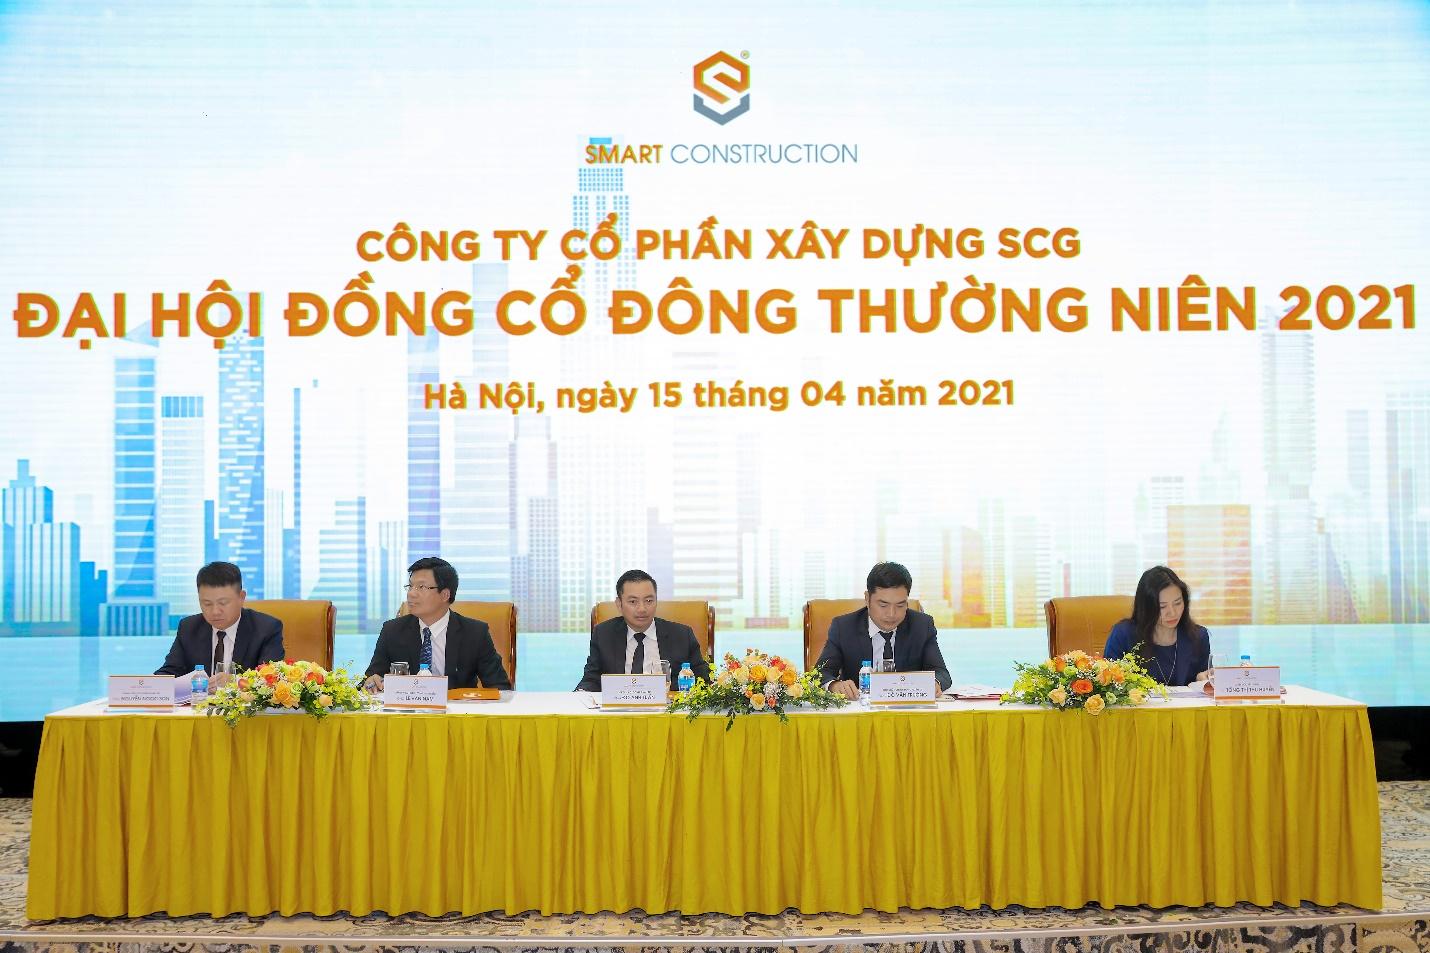 'Tân binh' SCG đặt mục tiêu doanh thu tăng trưởng 2,5 lần, sẽ tăng vốn lên 850 tỷ đồng trong năm nay - Ảnh 1.